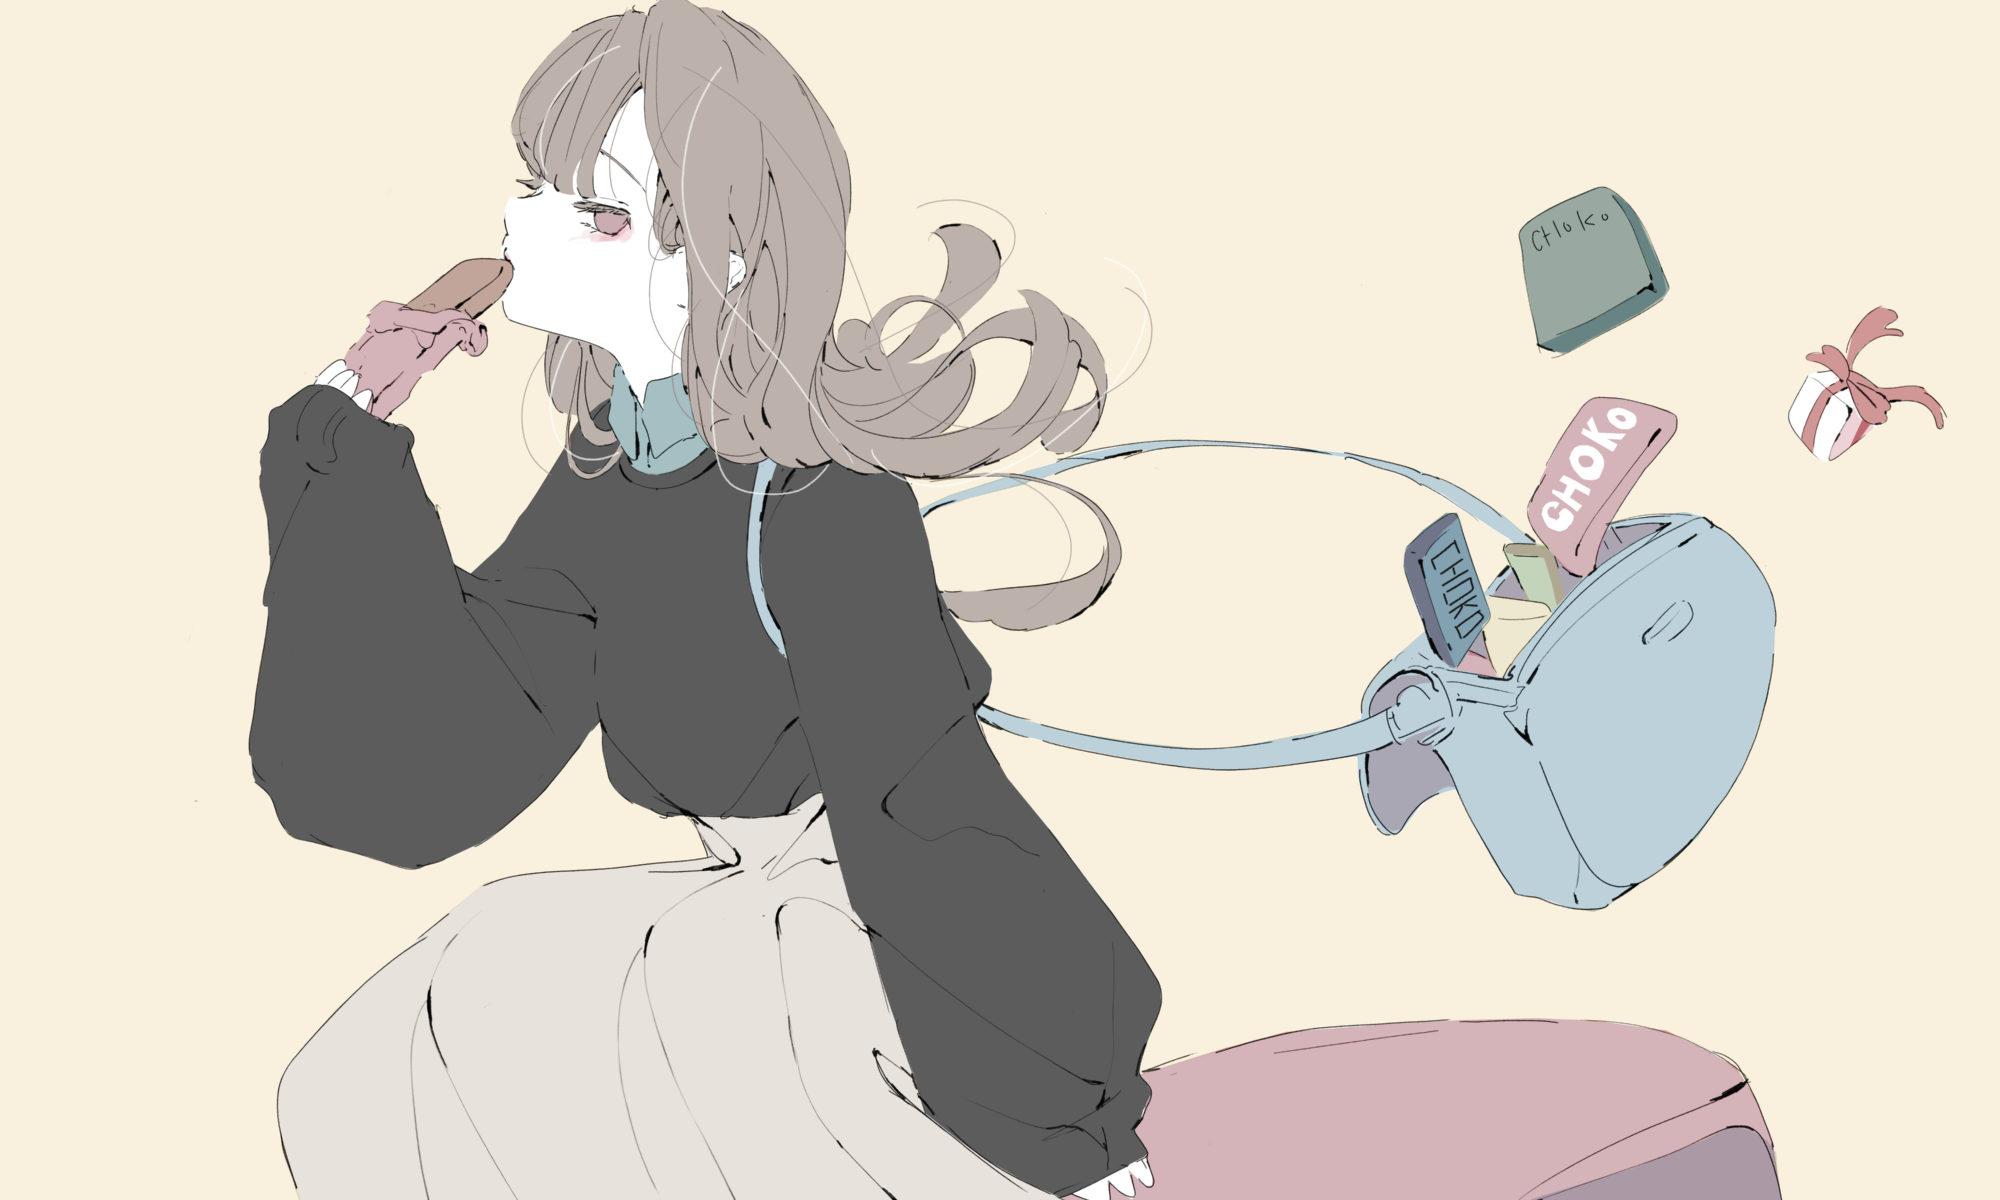 バレンタインチョコを食べる女の子のイラスト